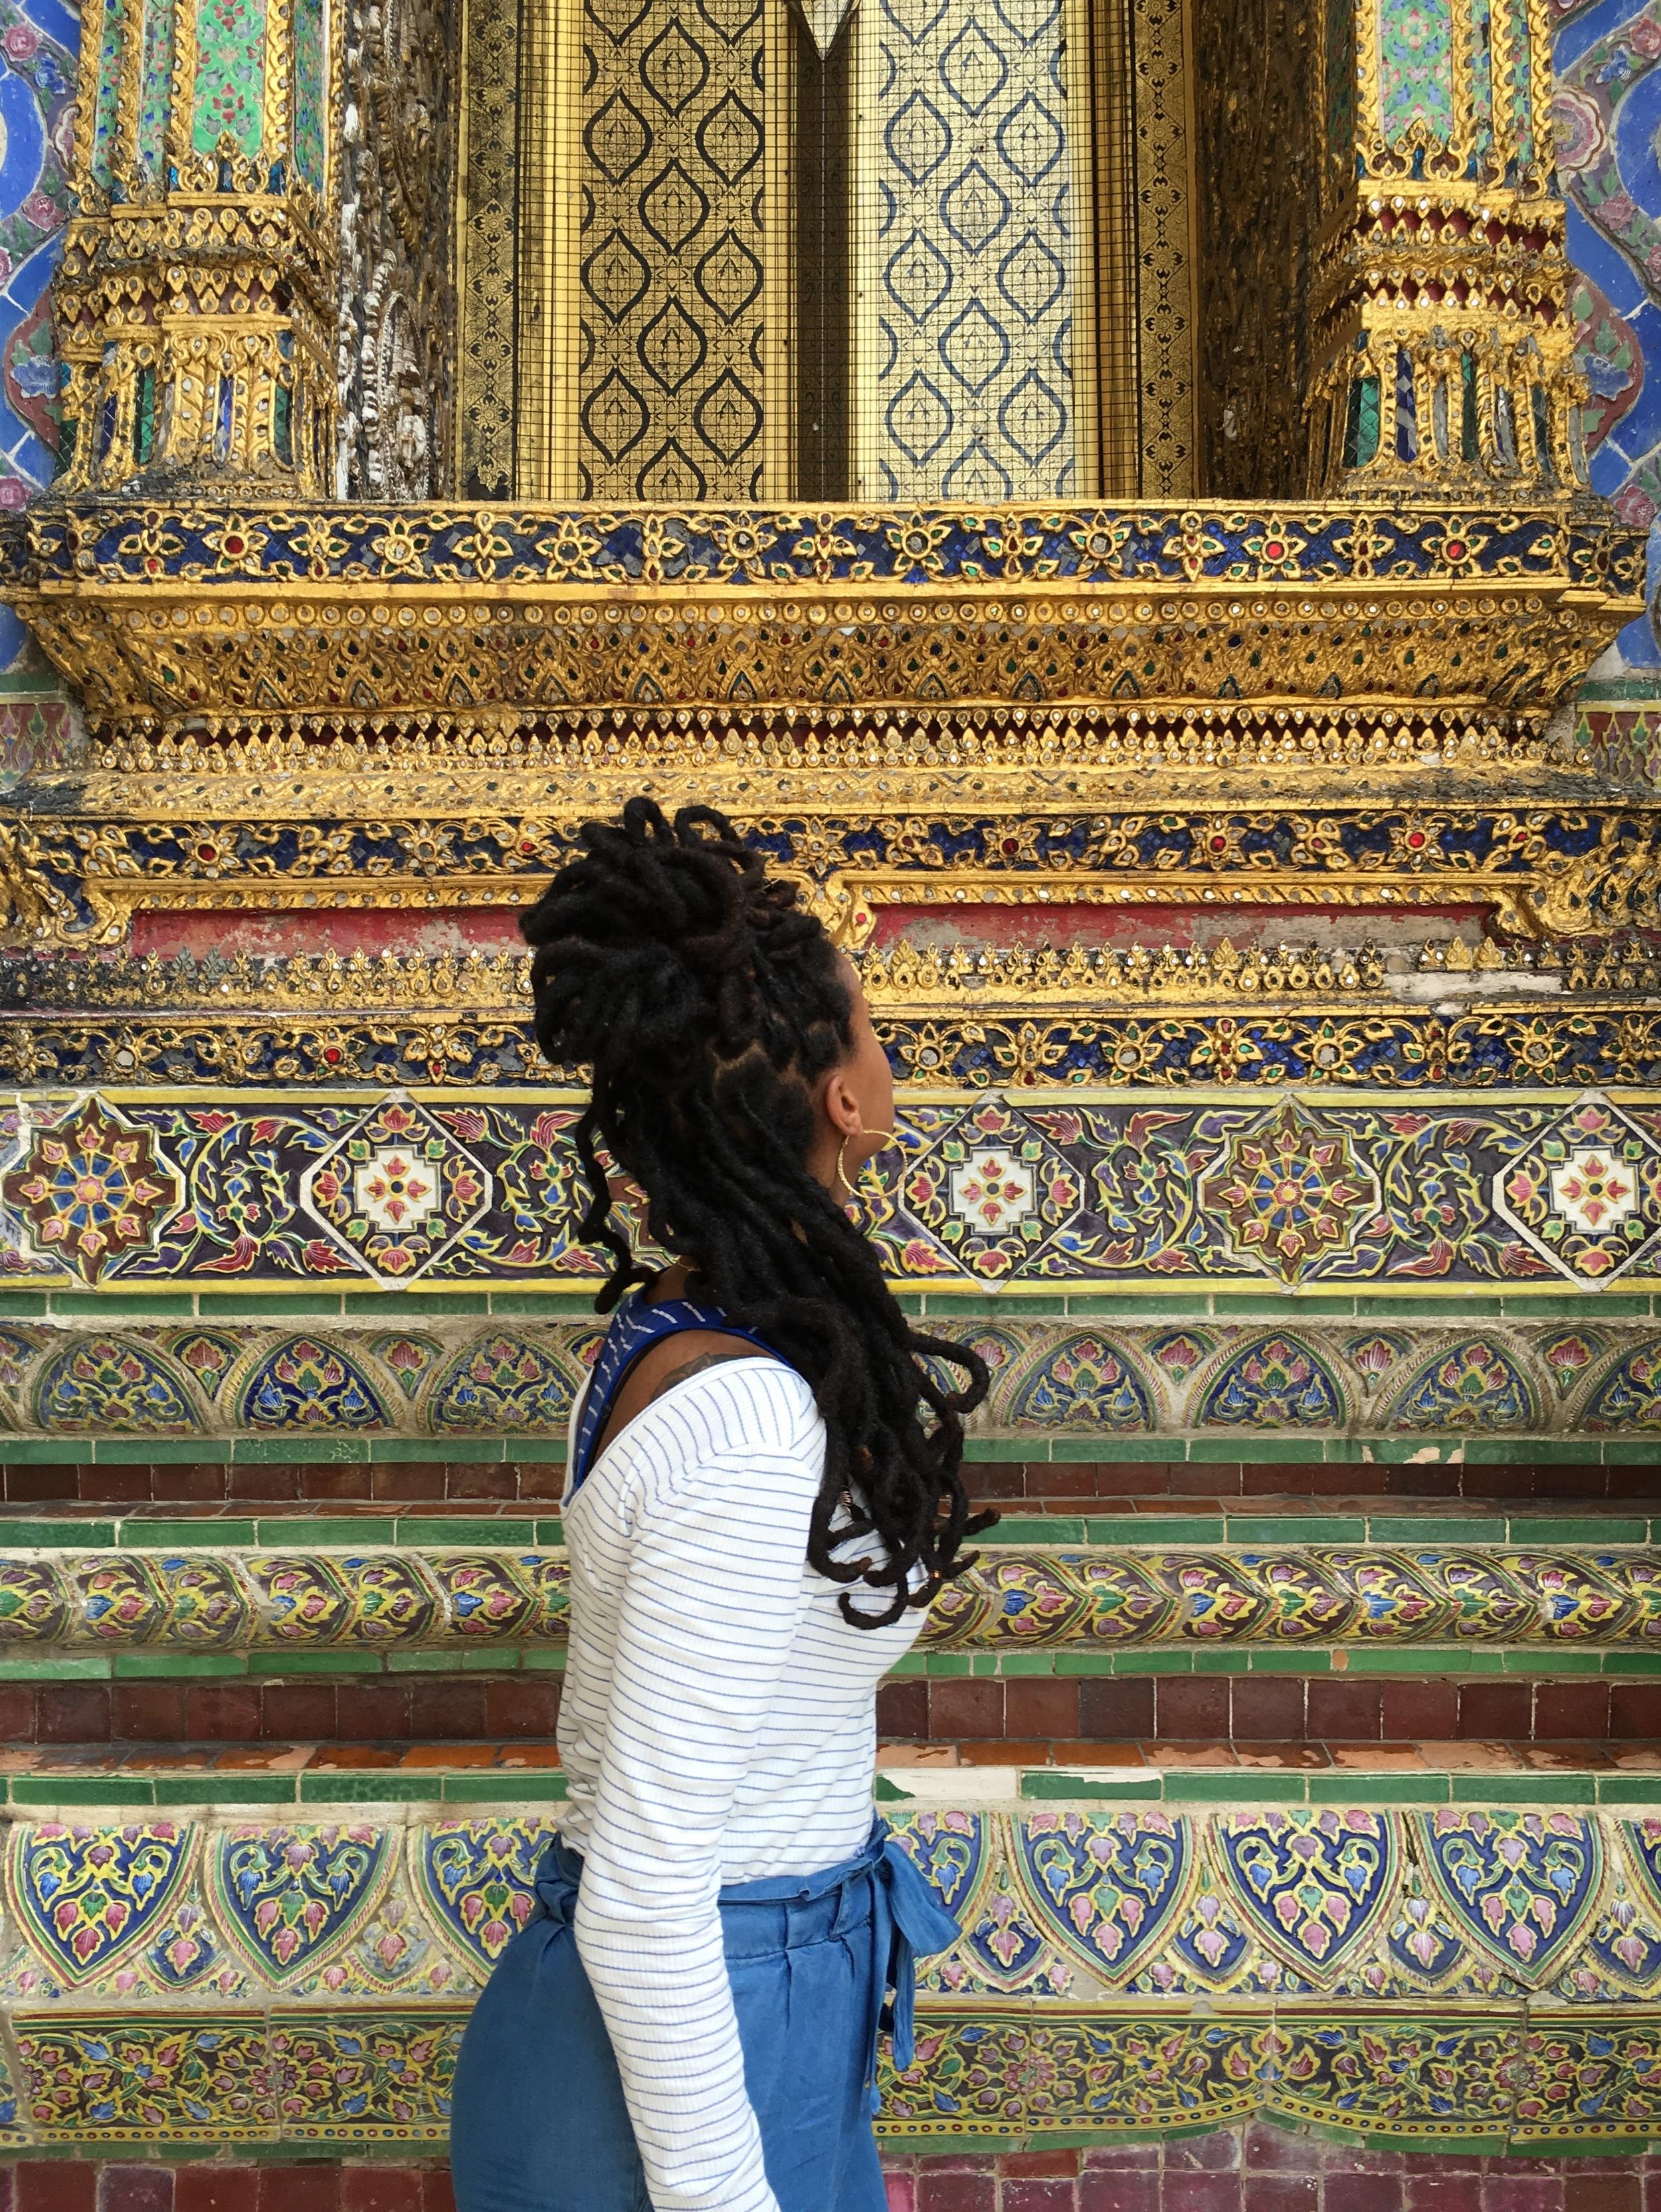 Examining details at the Grand Palace.